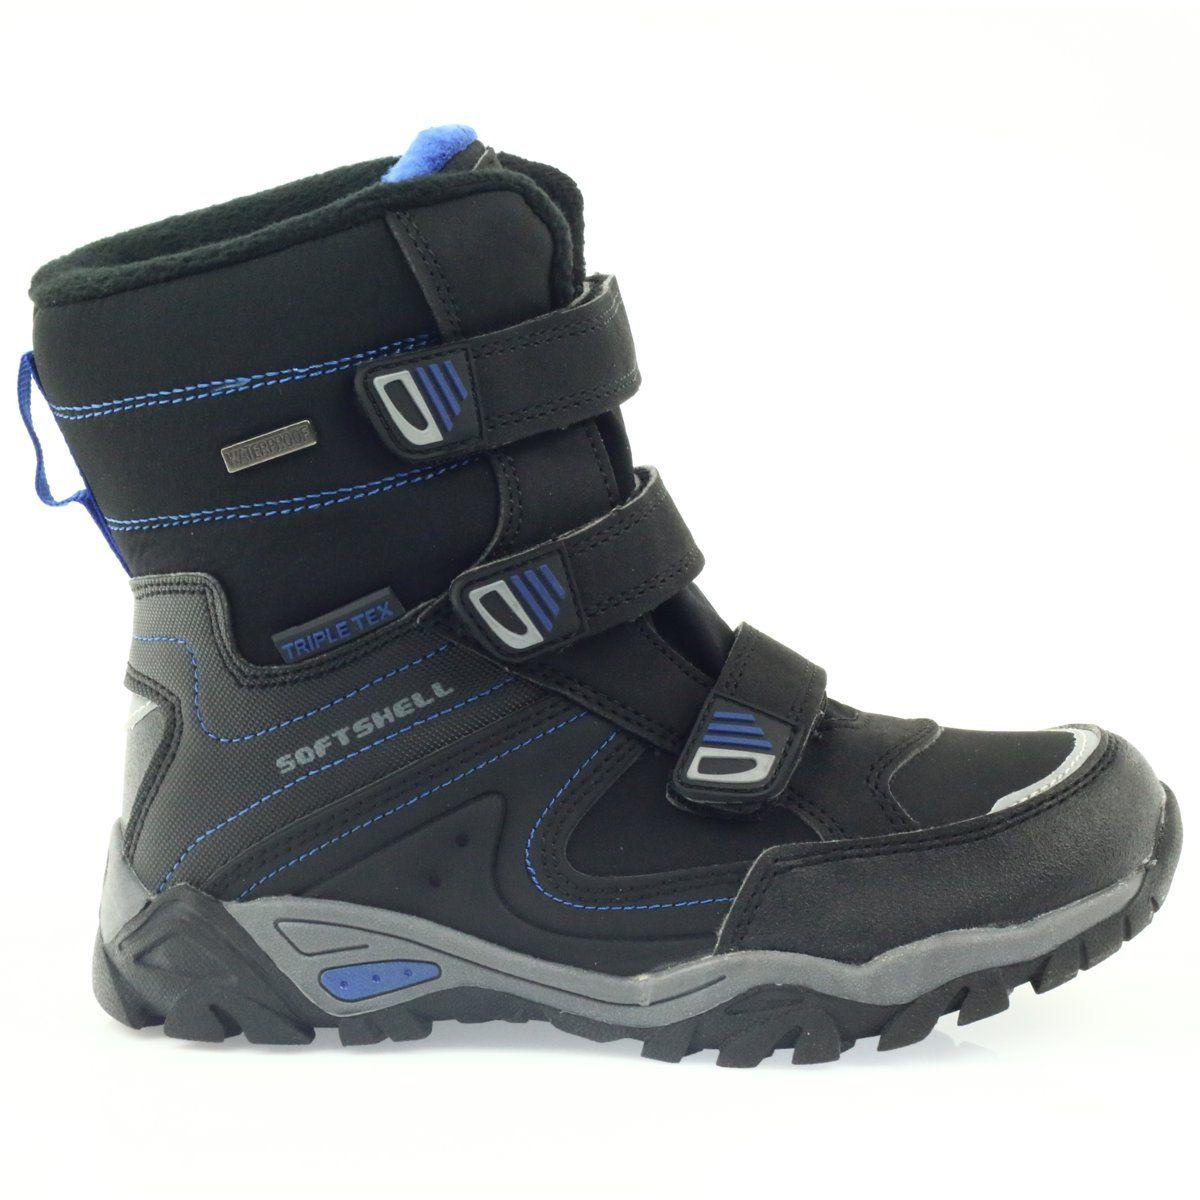 American Club Kozaczki Softshell Z Membrana Czarne 1809 Niebieskie Boots Winter Boots Childrens Boots